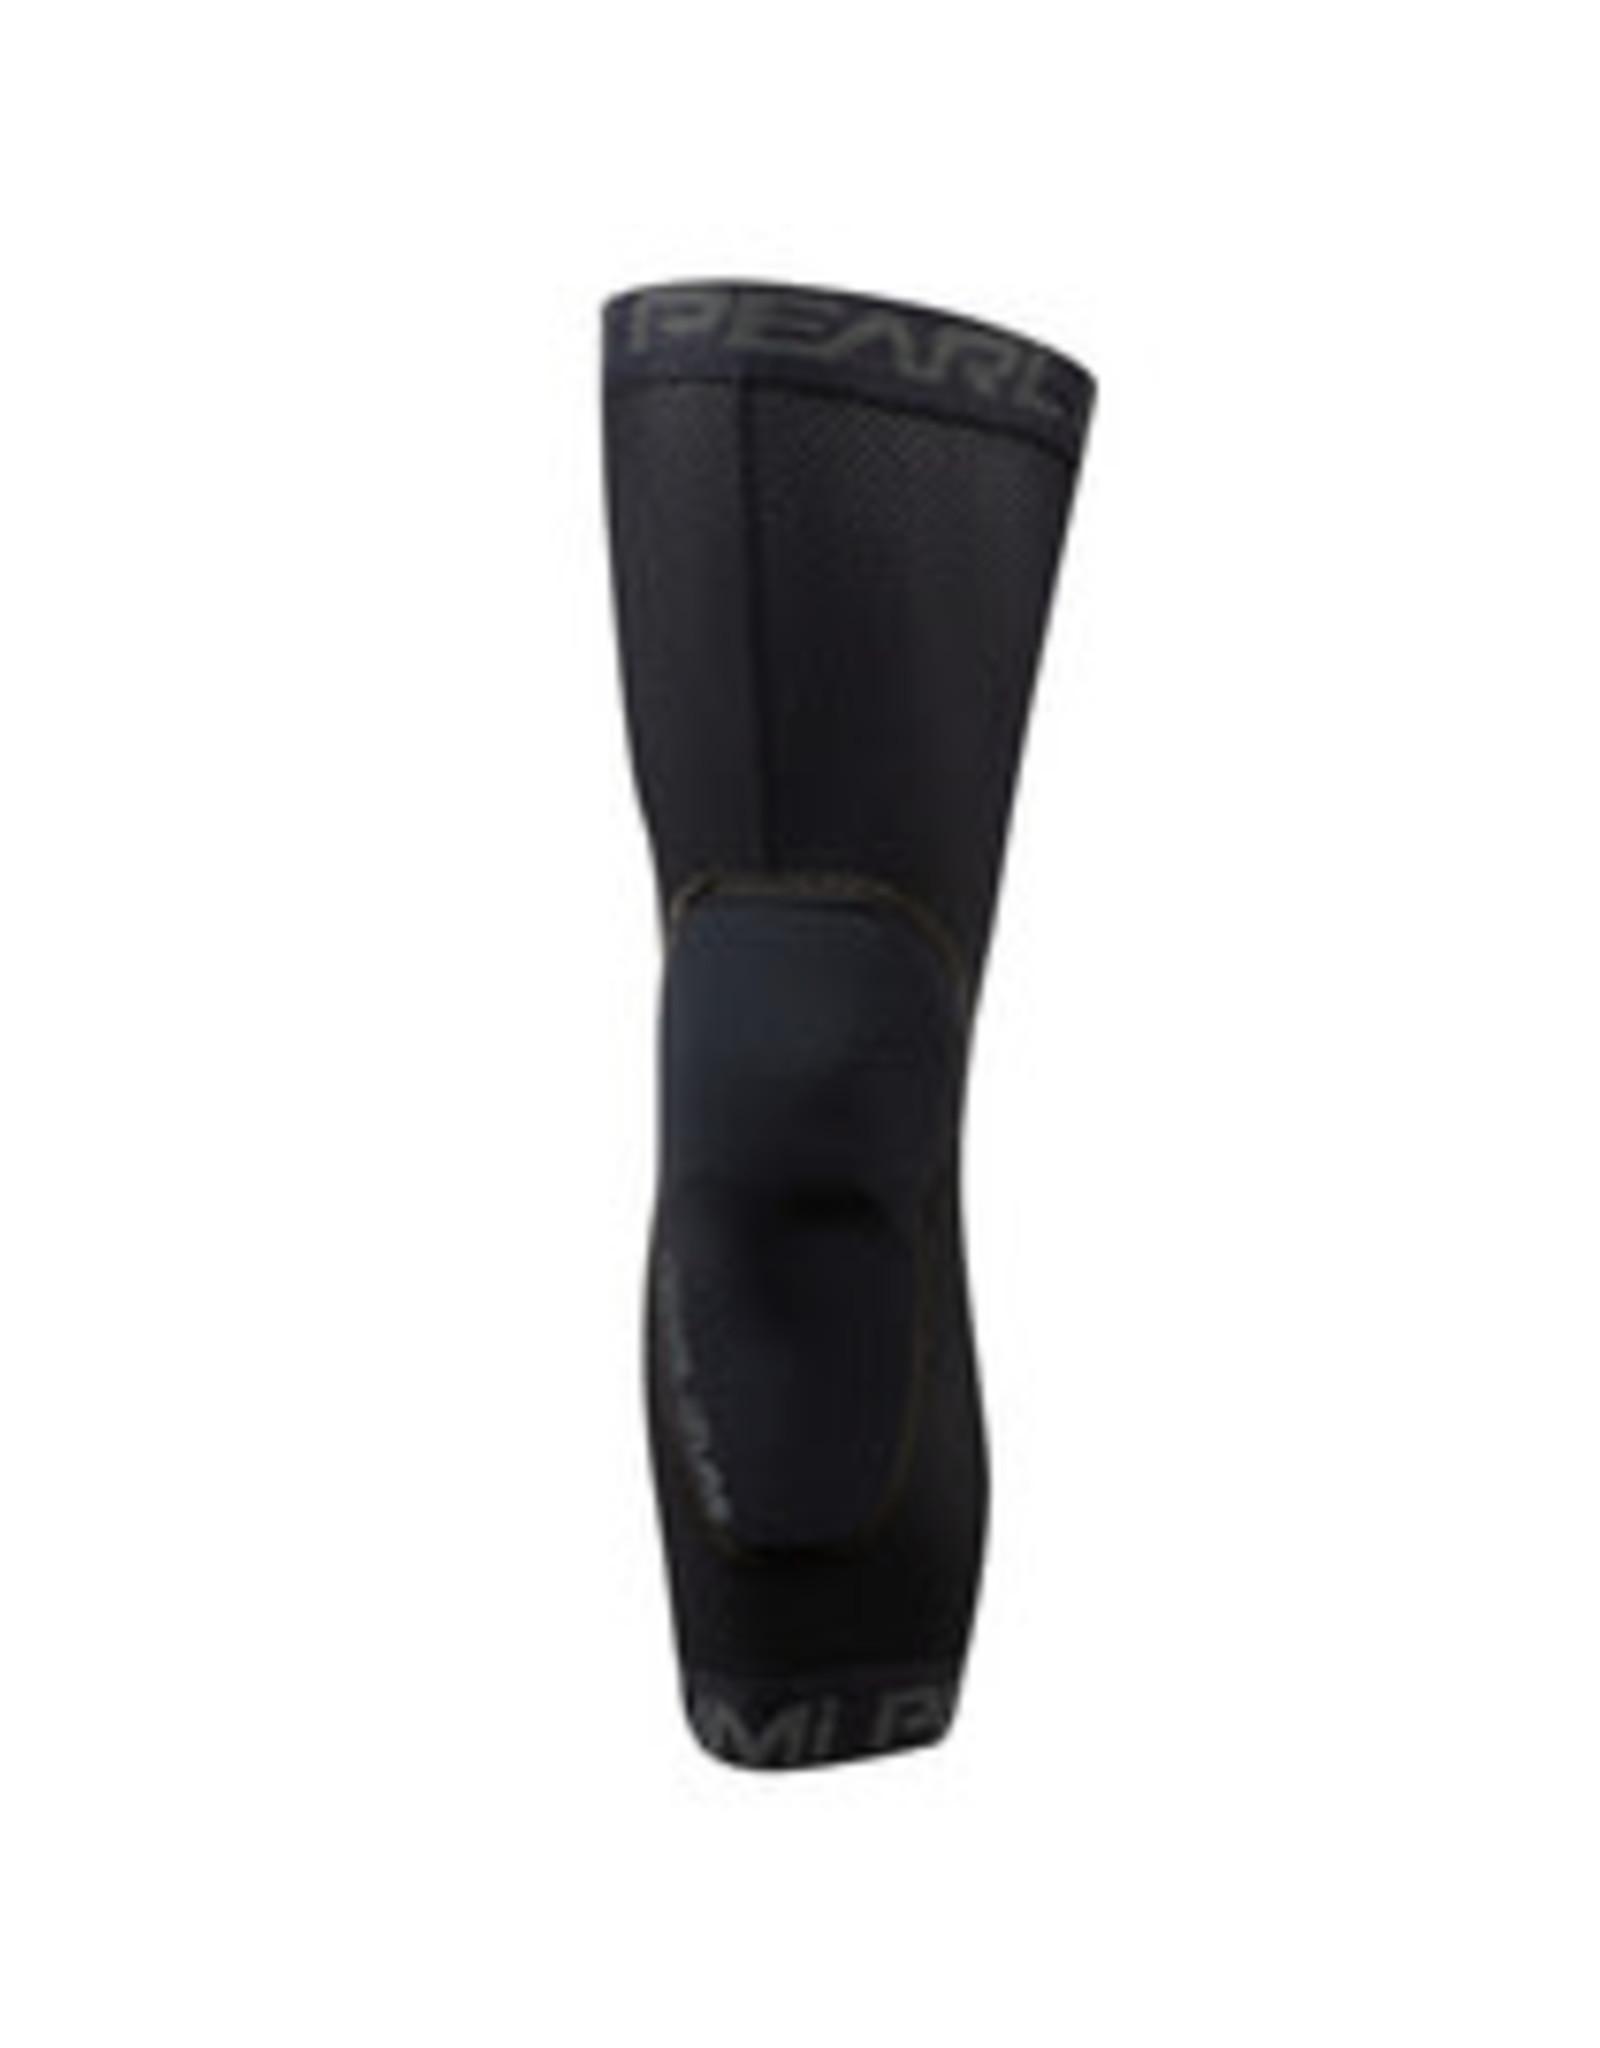 Pearl Izumi Pearl Izumi Summit Knee Guard XL Black